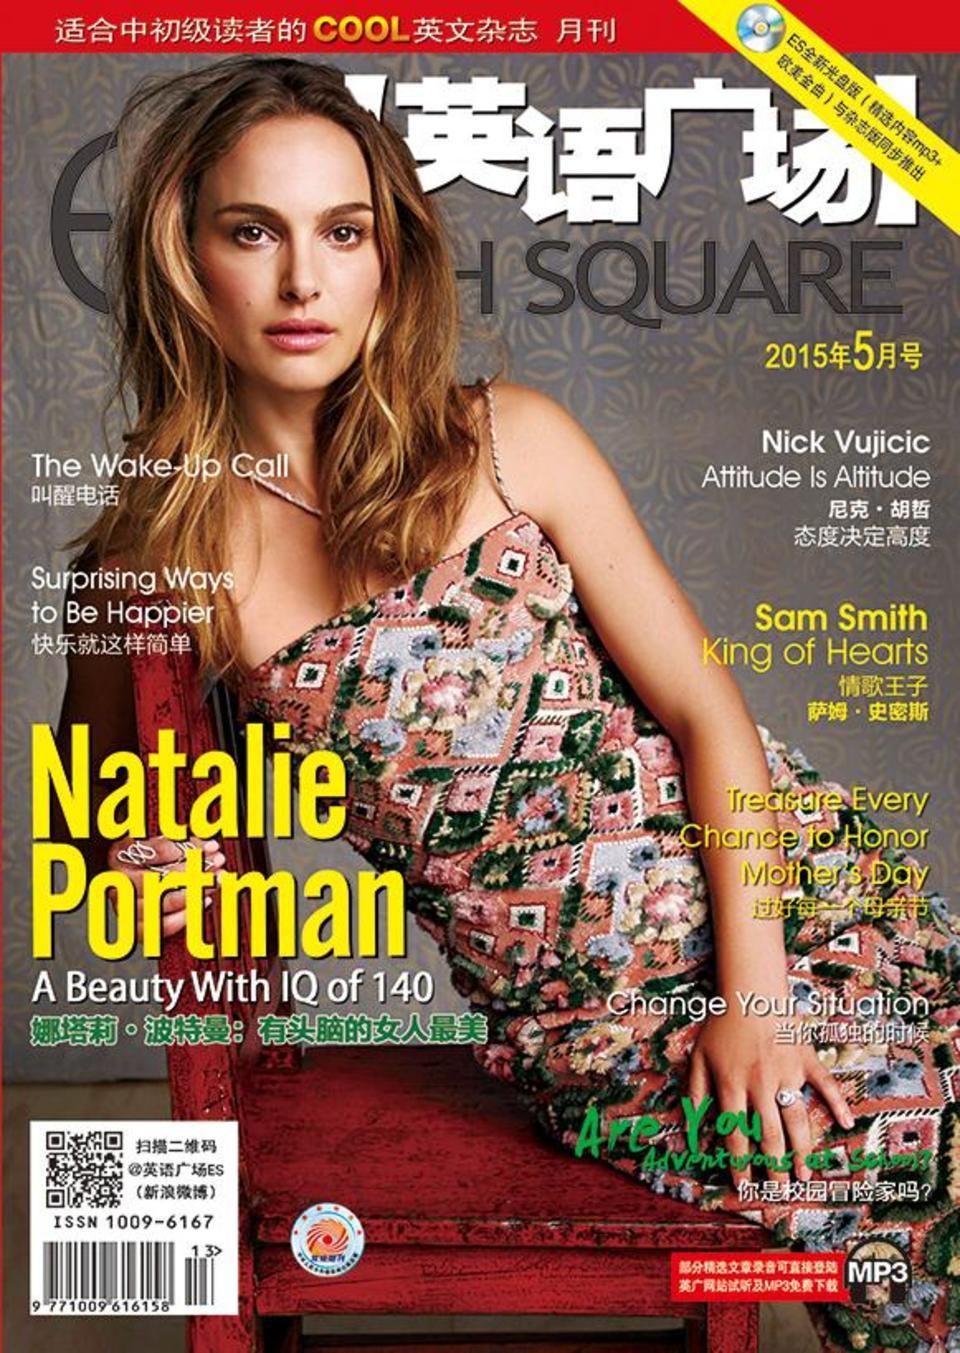 娜塔莉 波特曼:有头脑的女人最美